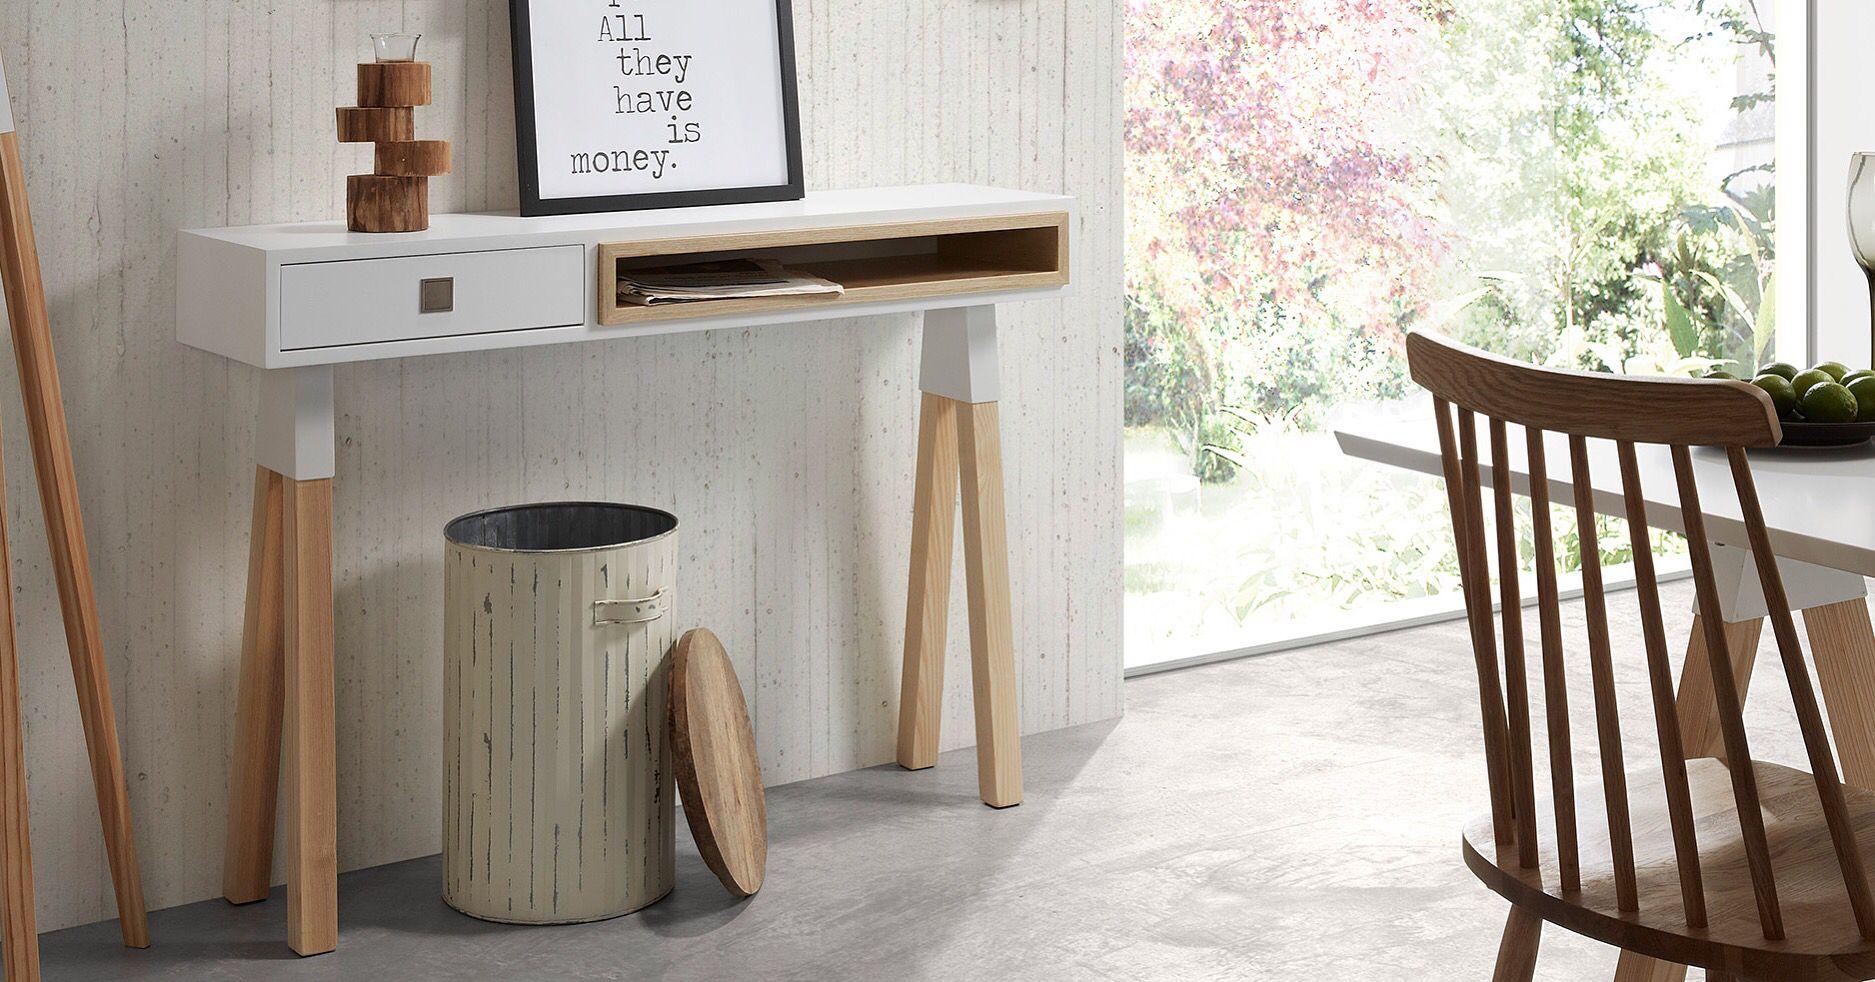 Konsollbord fra kolleksjon STICK.  www.mirame.no #spisebord #benk #kjøkkenbord #kjøkken #spisestue #gang #ask #design #interior #interiør #mirame  #stick #norskehjem #møbler #innredning